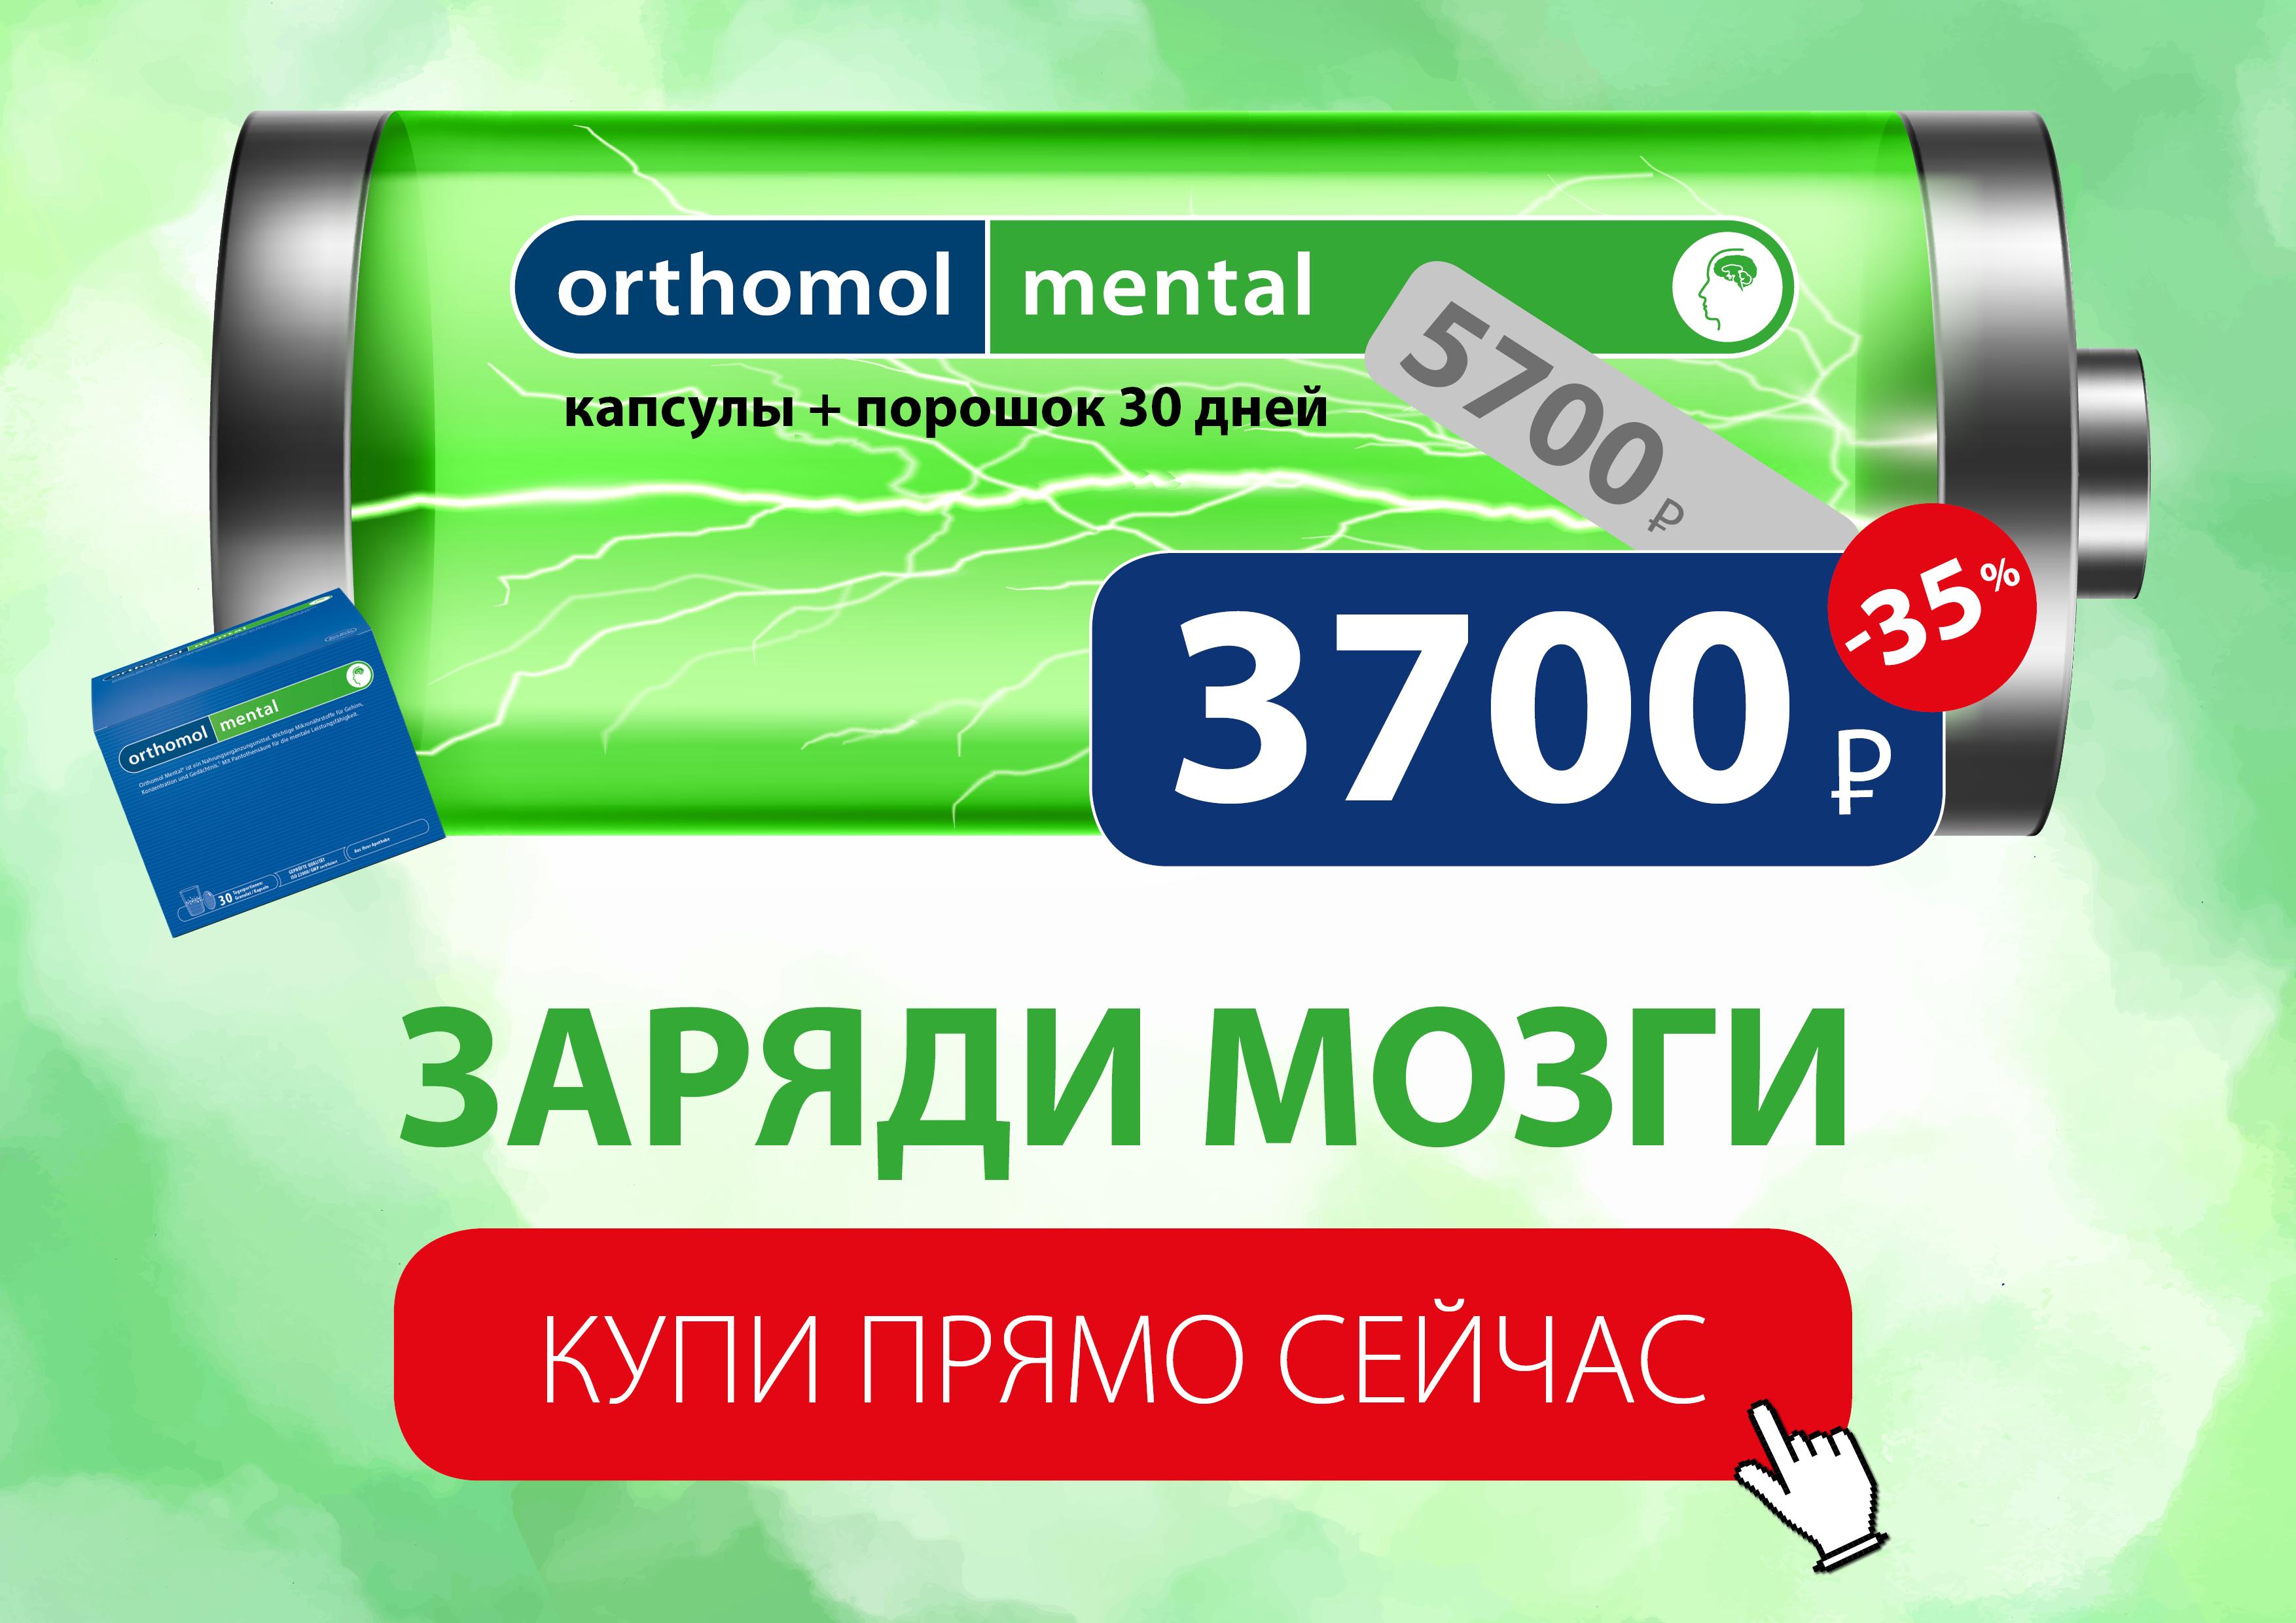 Скидки на витамины Orthomol